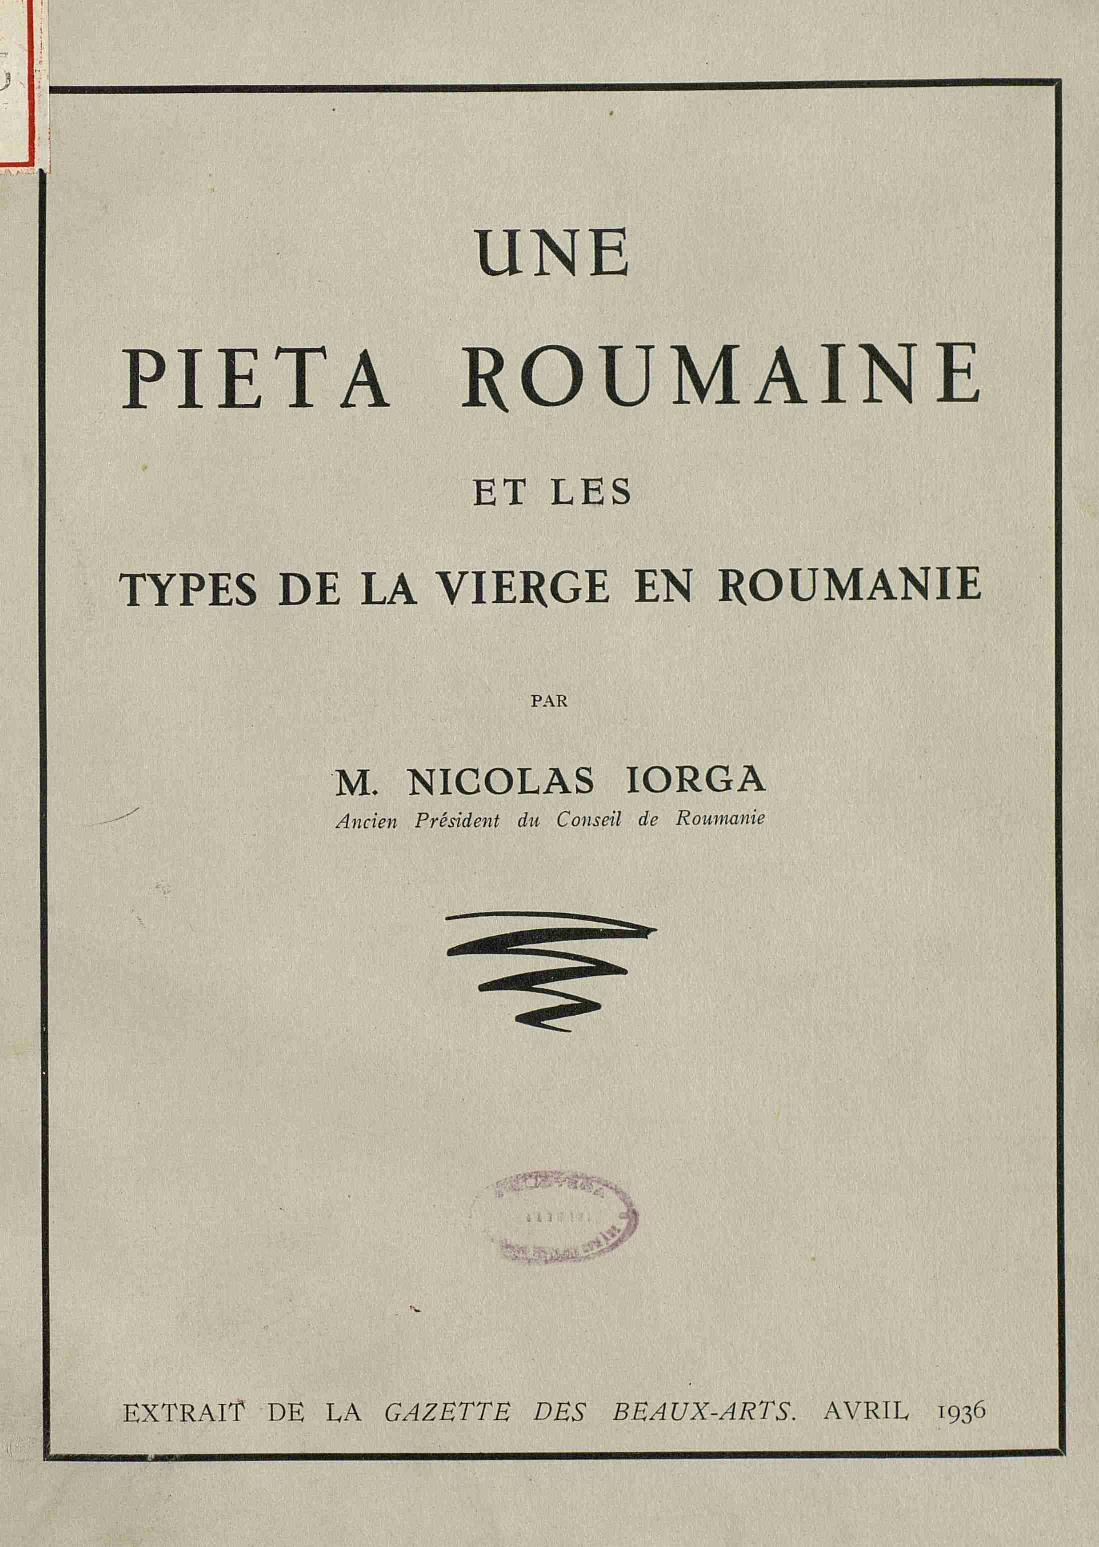 Filenicolae Iorga Une Pieta Roumaine Et Les Types De La